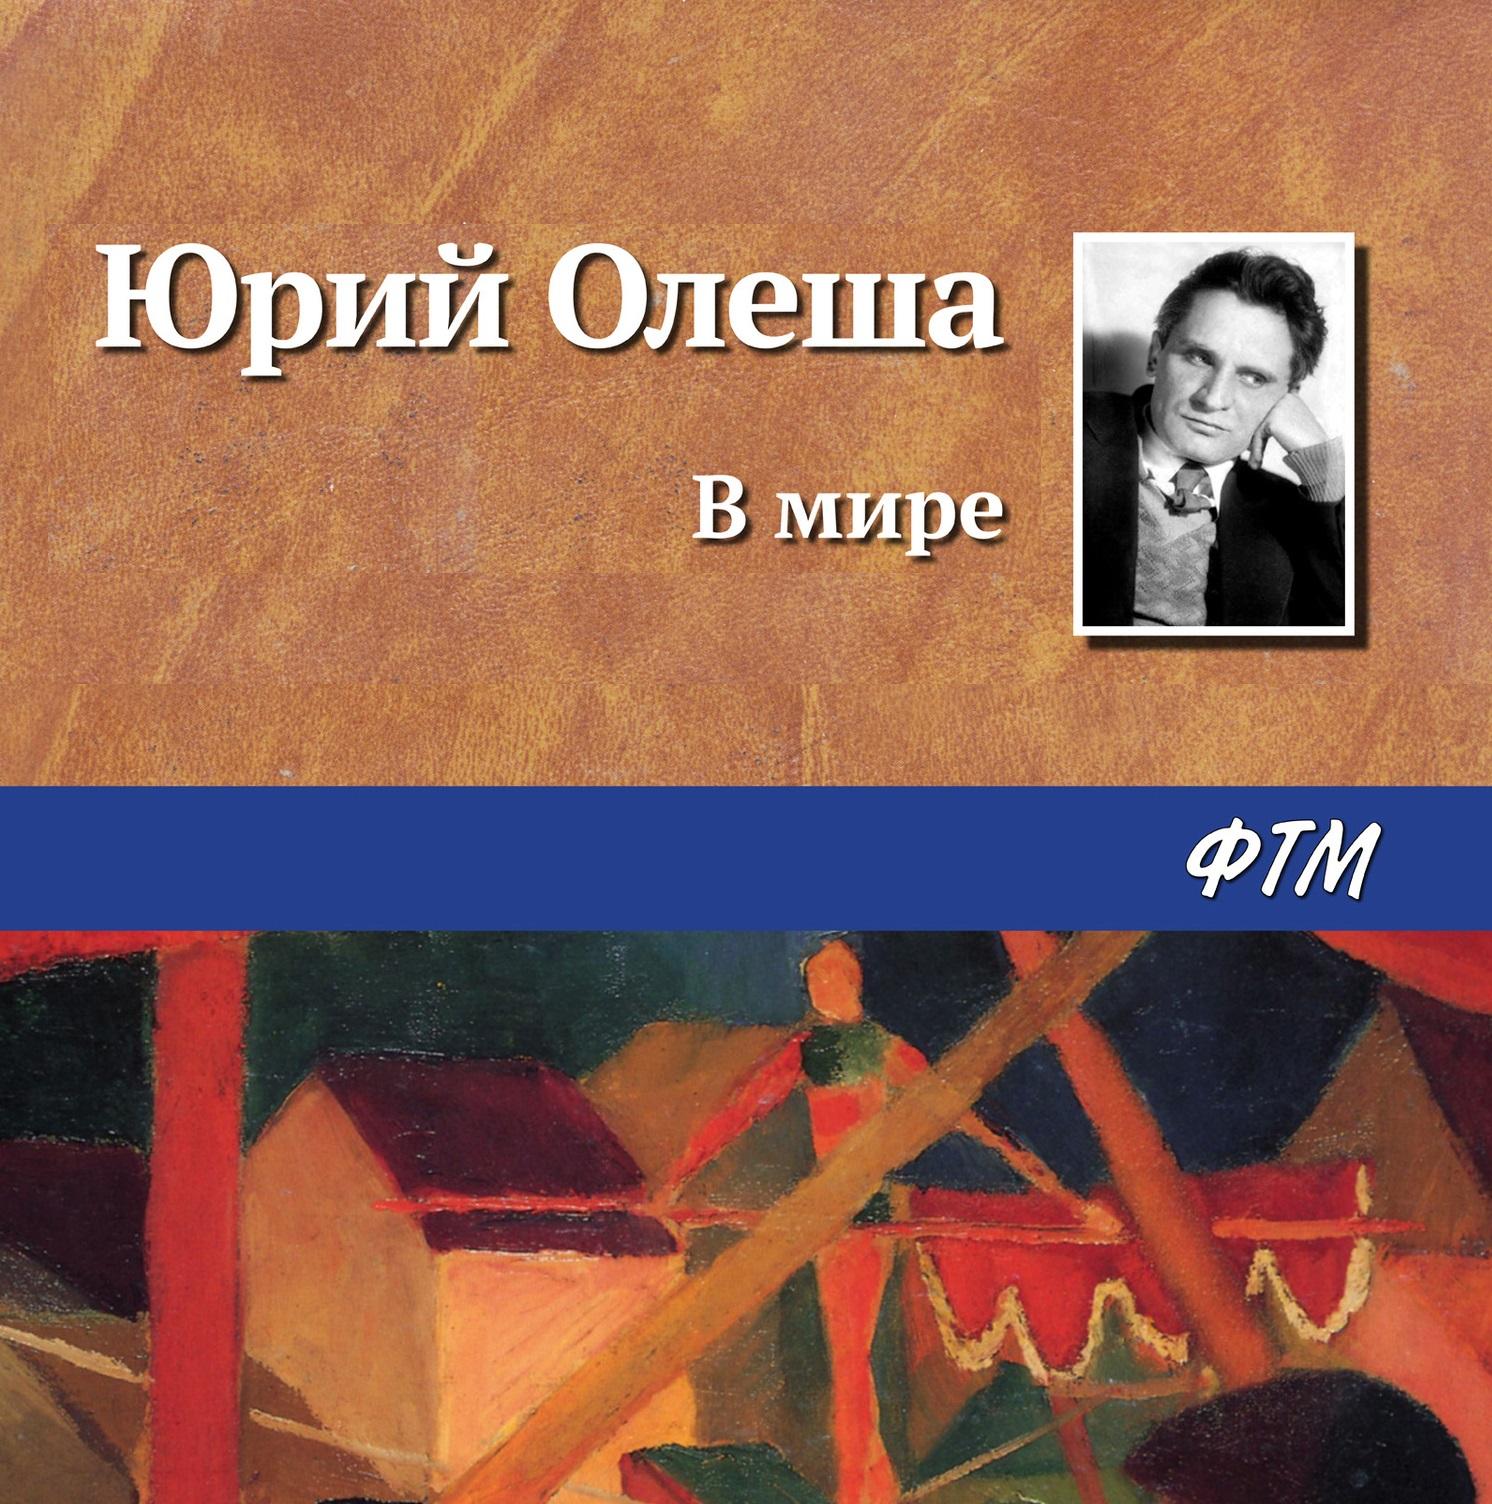 Купить книгу В мире, автора Юрия Олеши